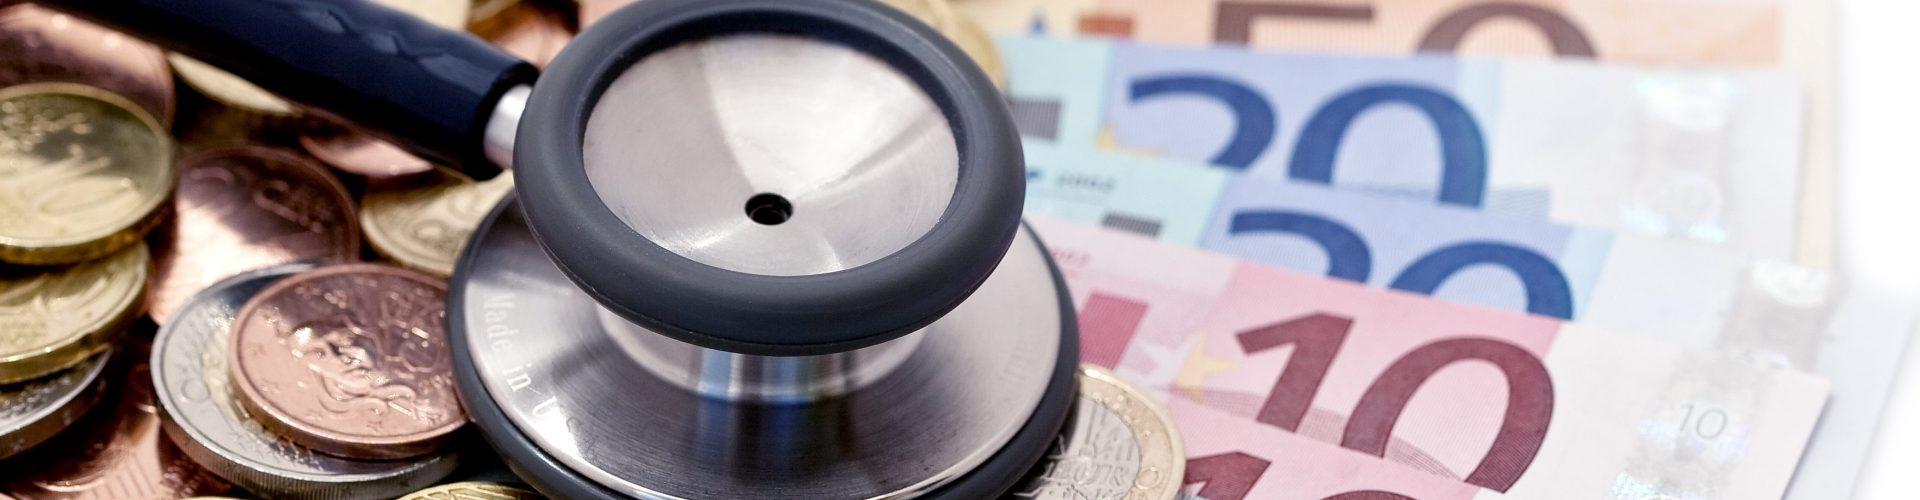 Manovra, la sanità pubblica apre ai medici privati. Stop a furbetti della flat tax